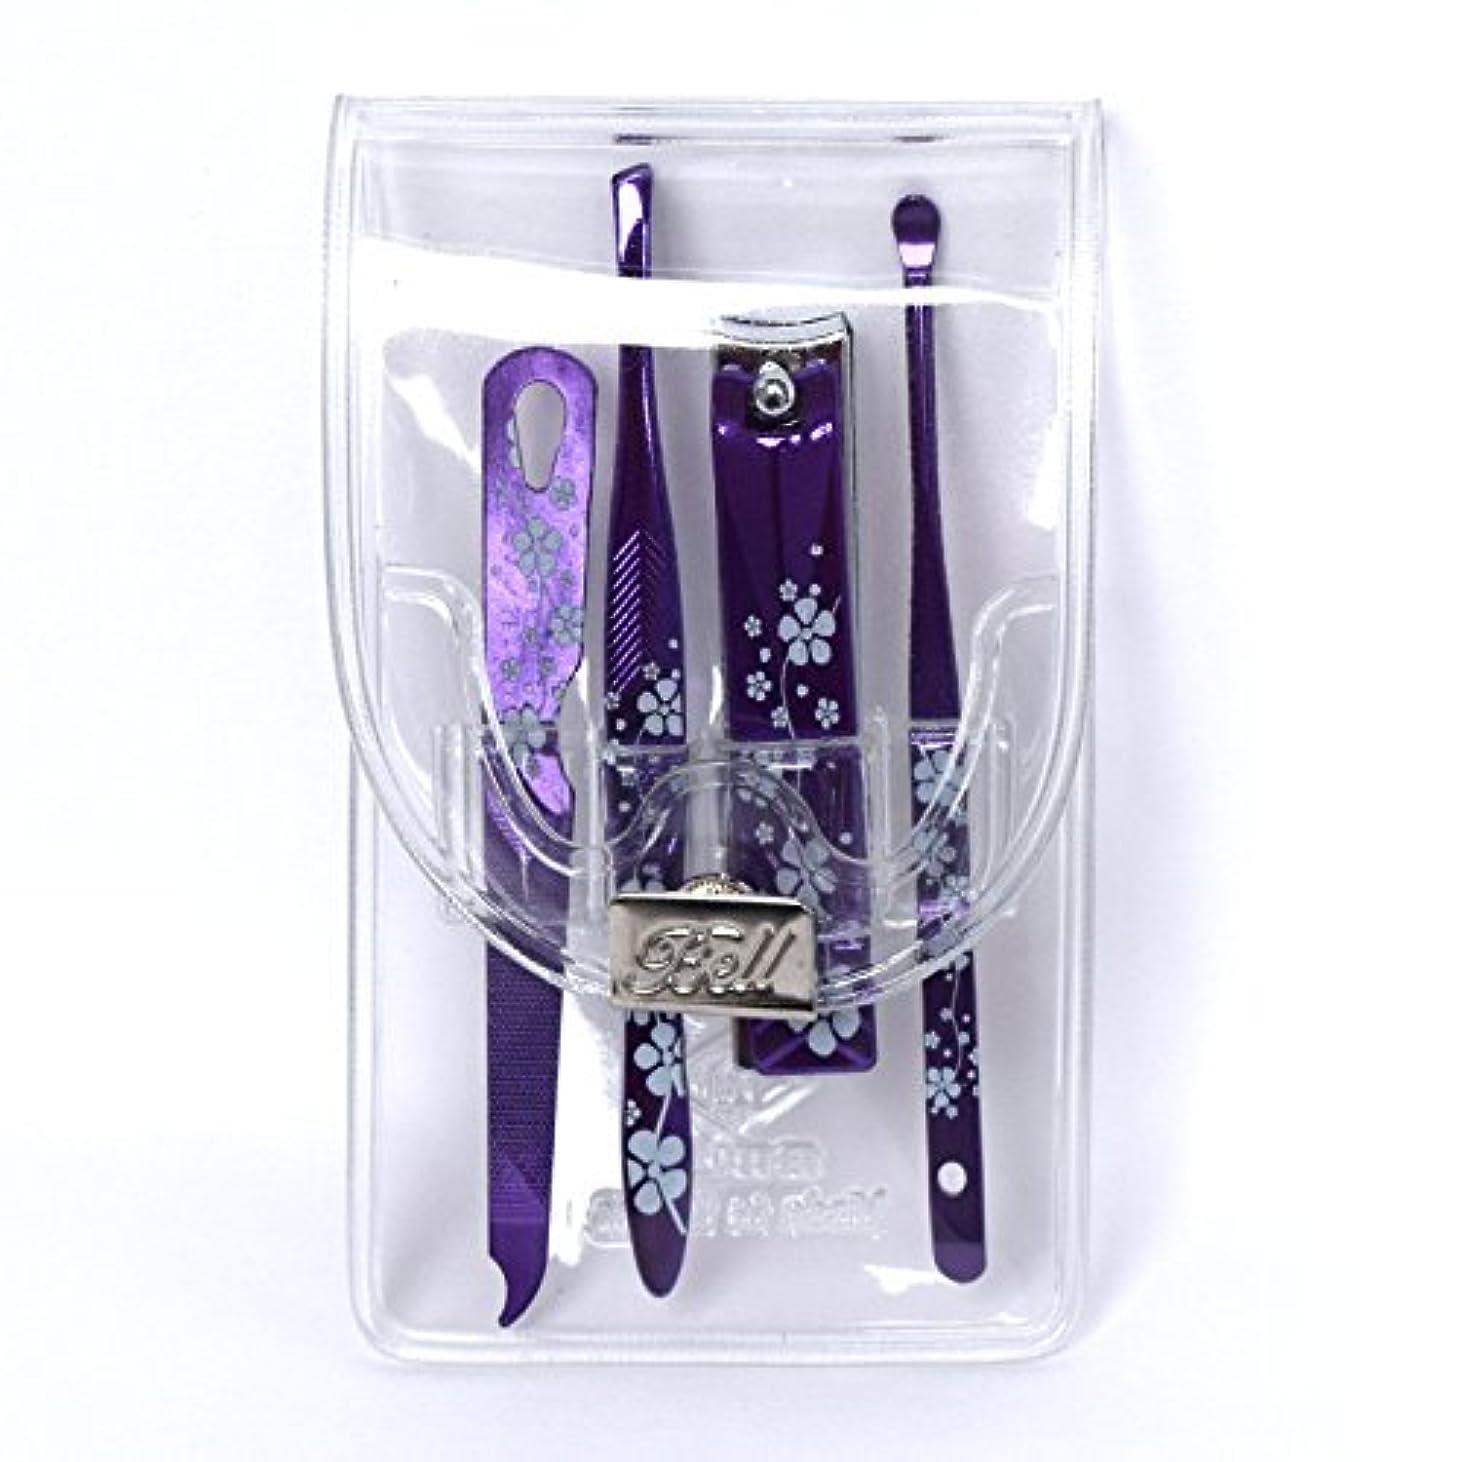 行空気唇BELL Manicure Sets BM-991C ポータブル爪ケアセットトラベル爪切りセットステンレス鋼の失速構成透明高周波ケースPortable Nail Clippers Nail Care Set